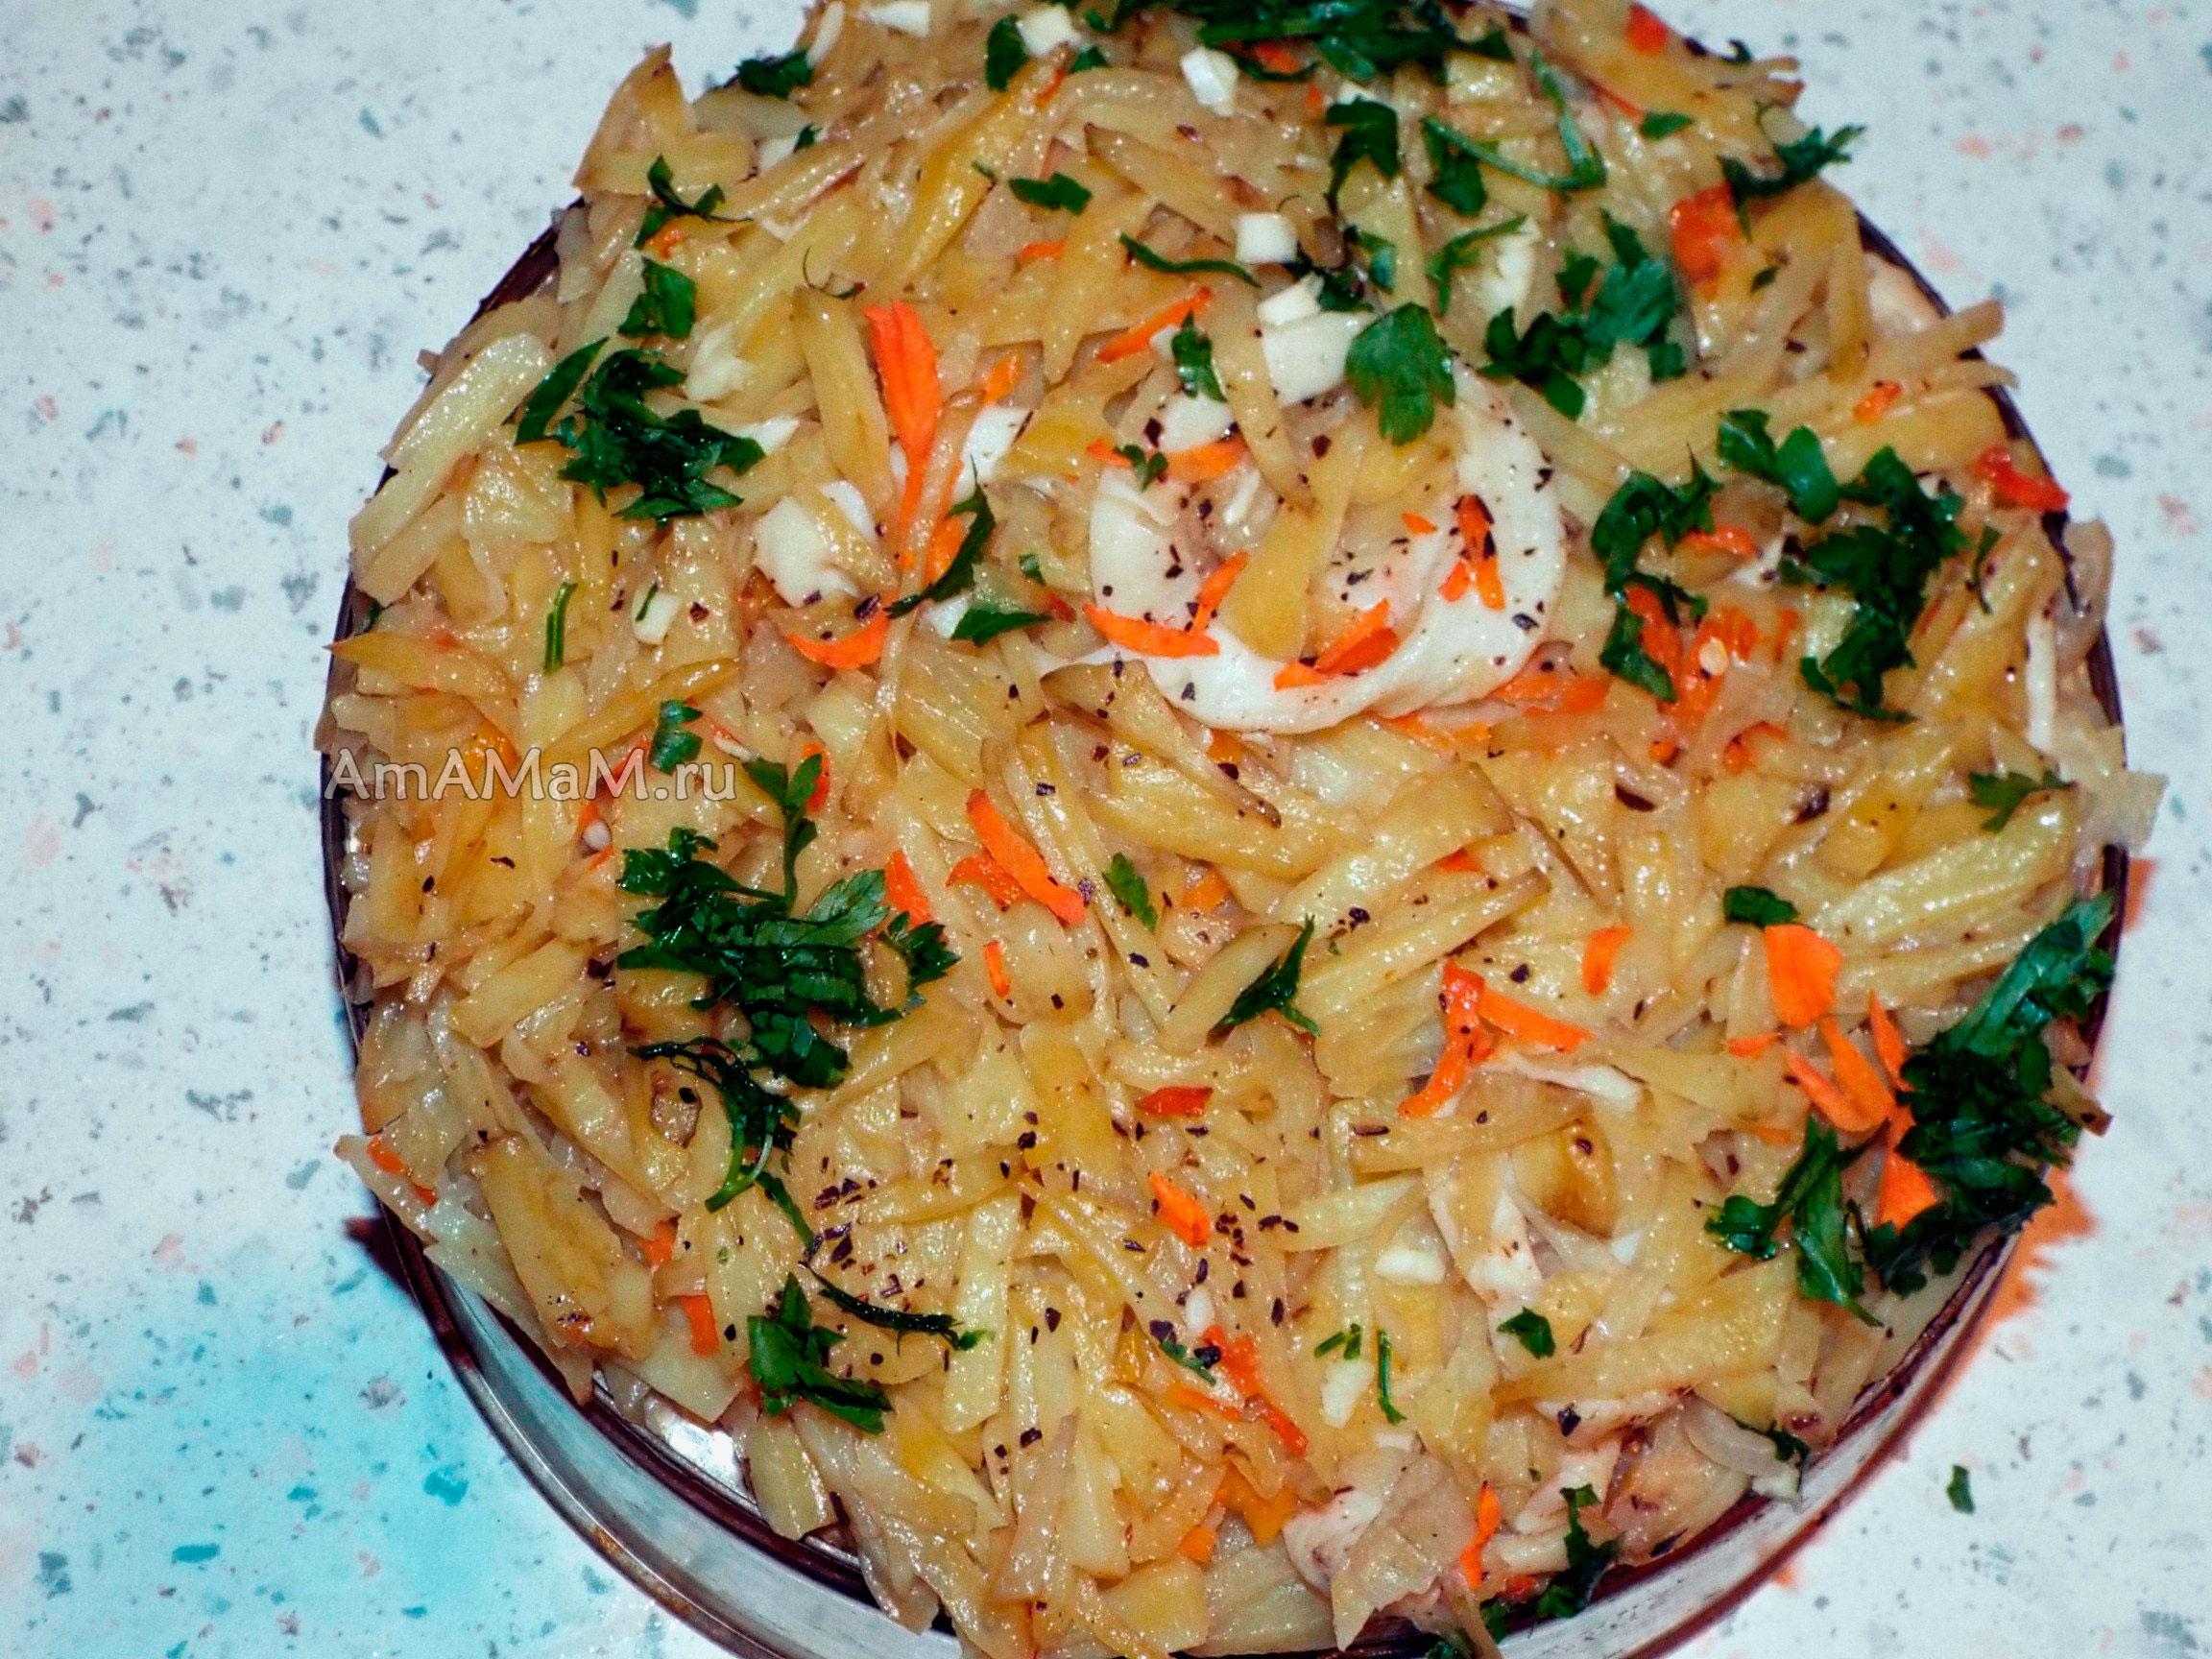 рецепт стерляди с картошкой в духовке с фото